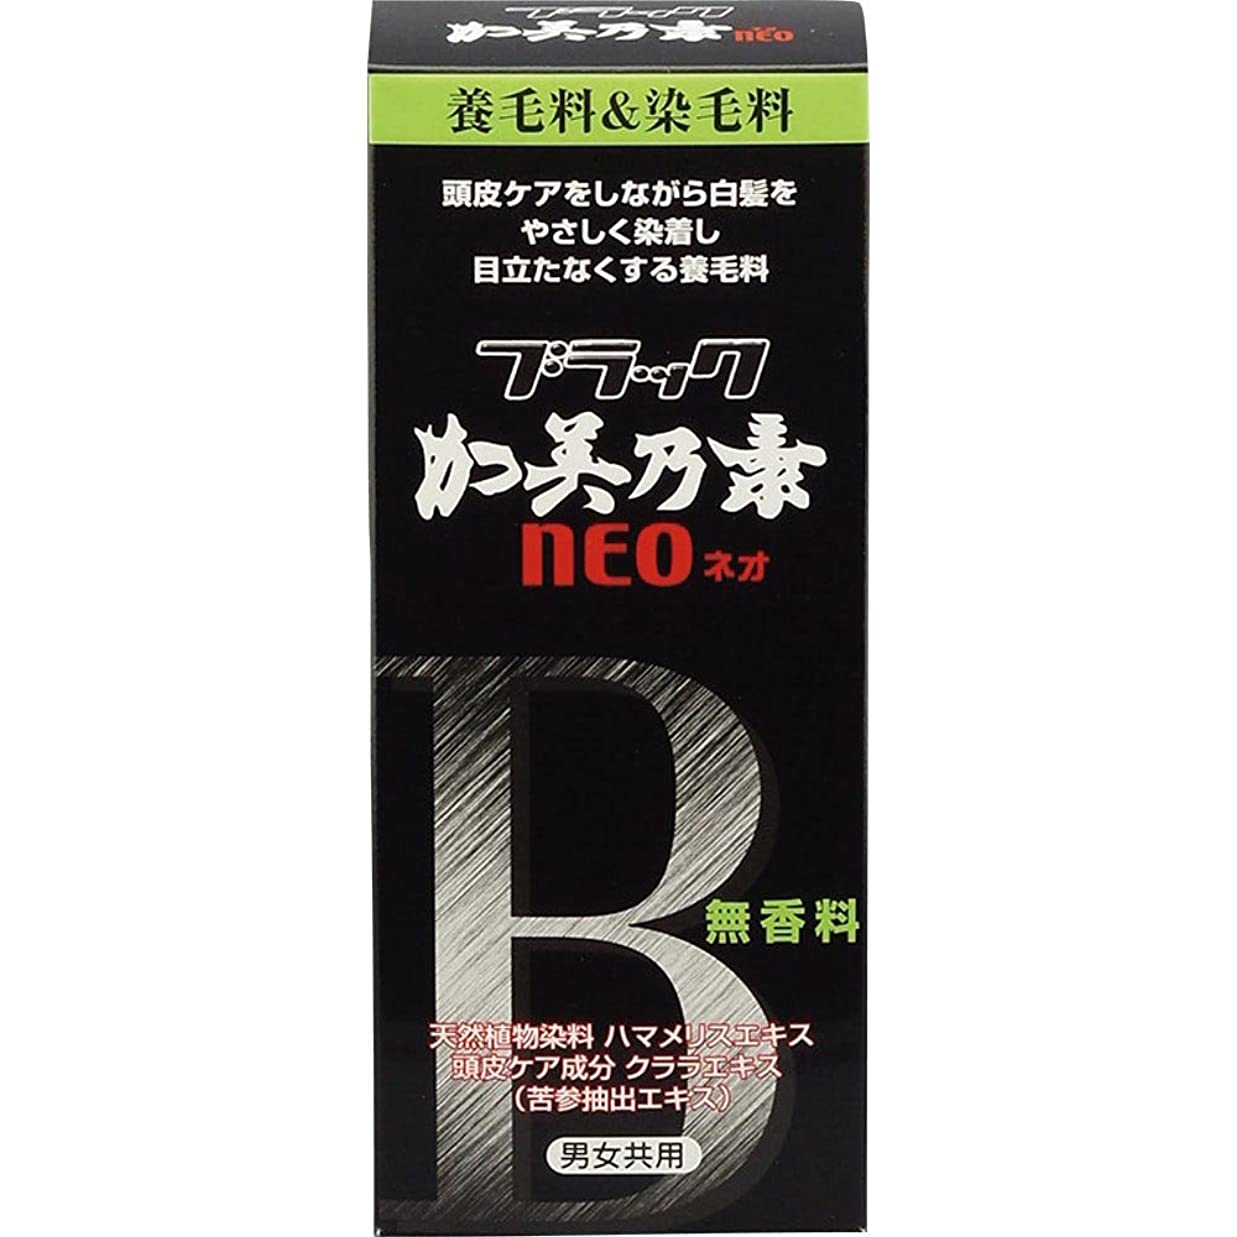 キノコ高齢者爆風ブラック加美乃素NEO 無香料 150mL